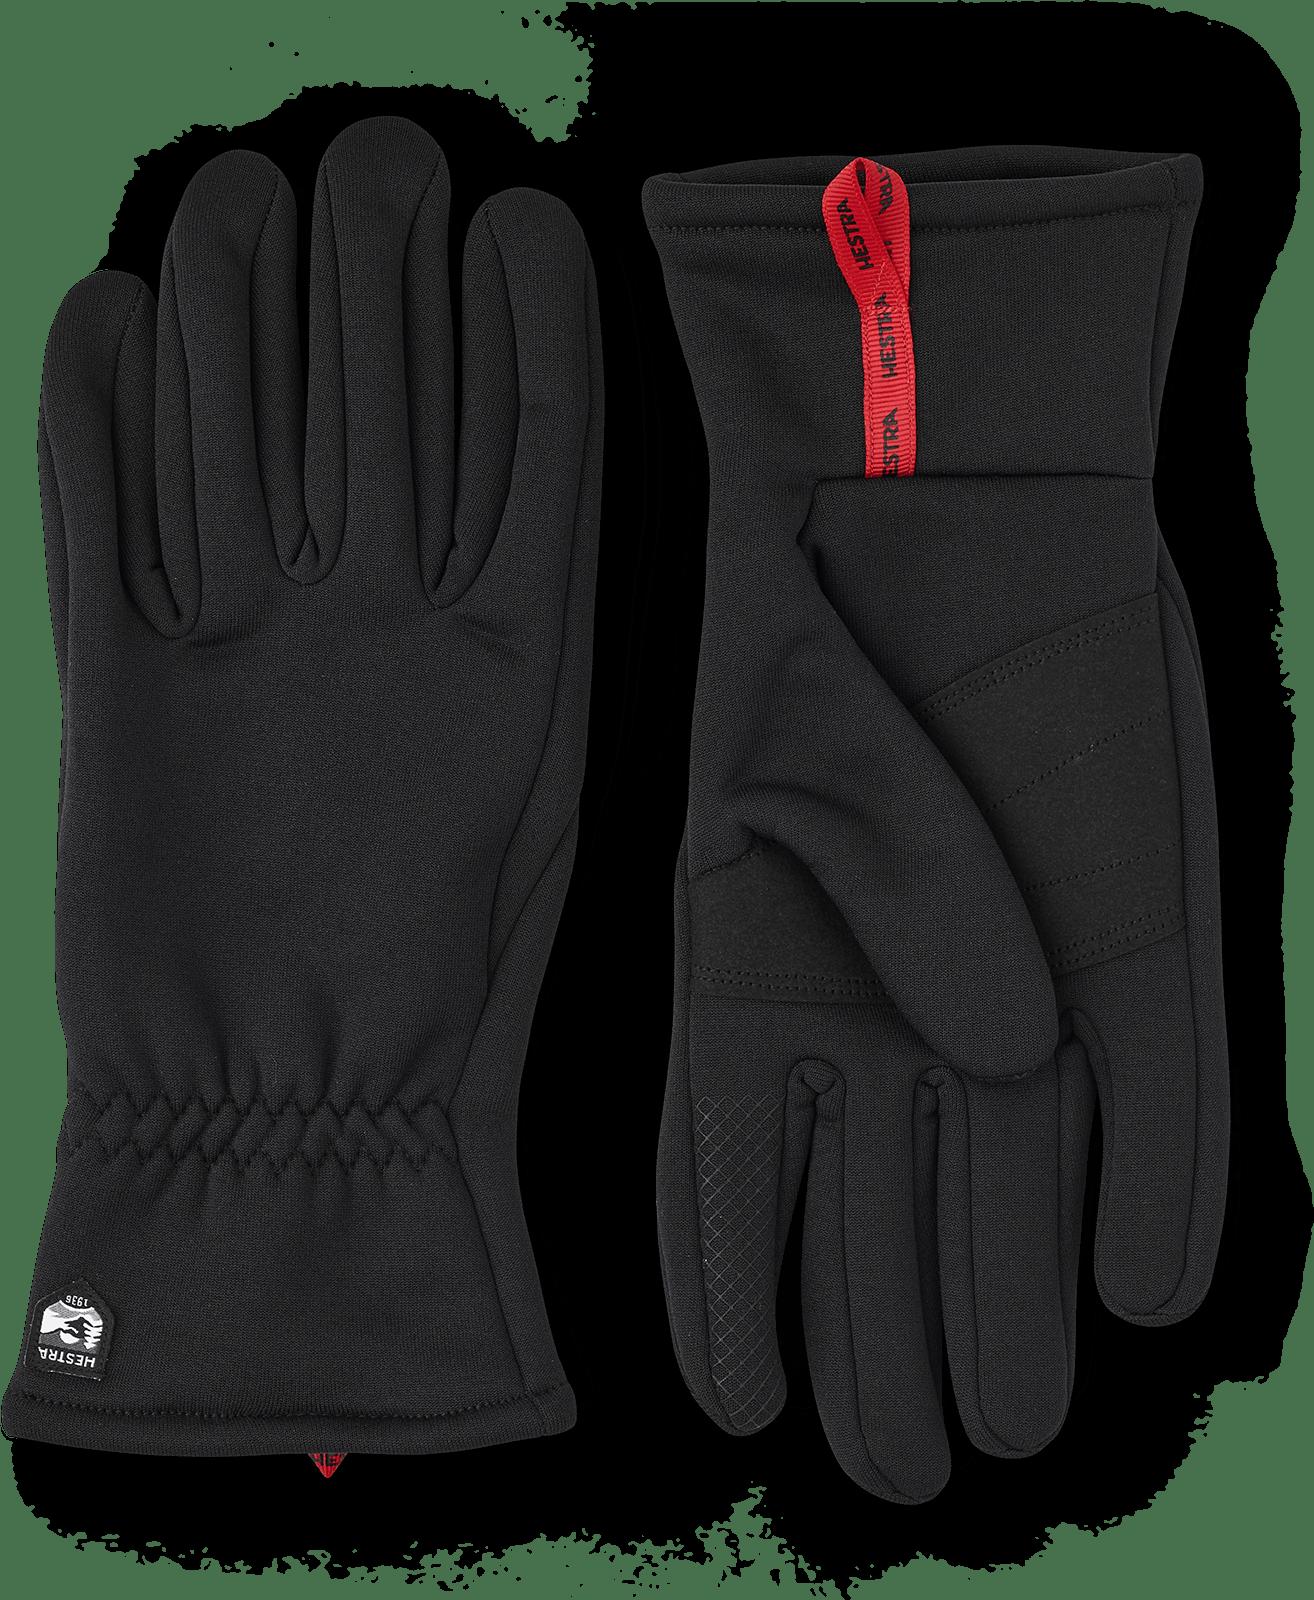 Hestra Touch Point Fleece Liner - 5 Finger